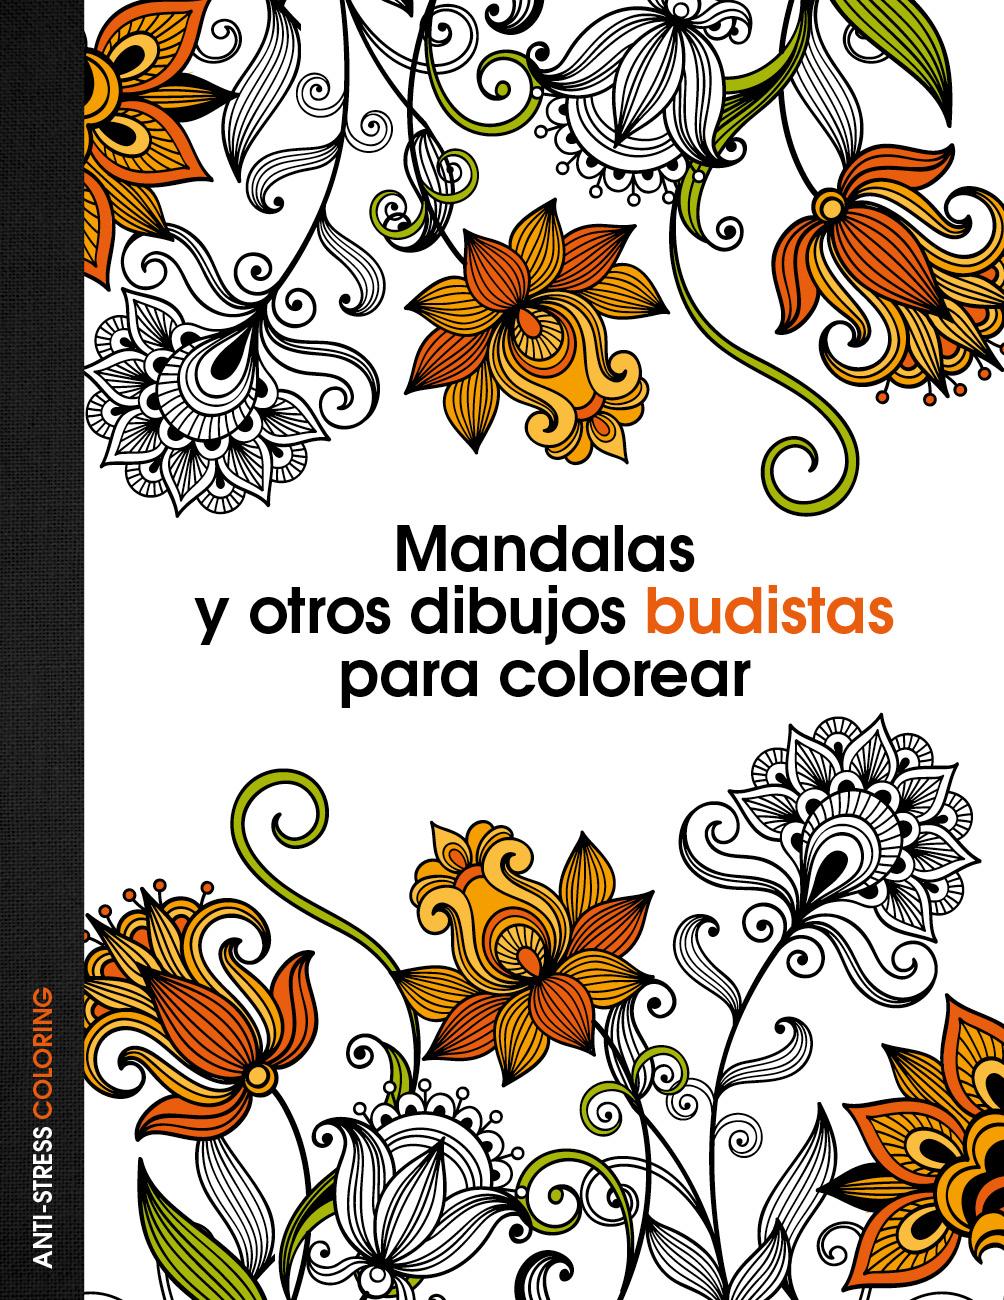 Mandalas y otros dibujos budistas para colorear | Planeta de Libros